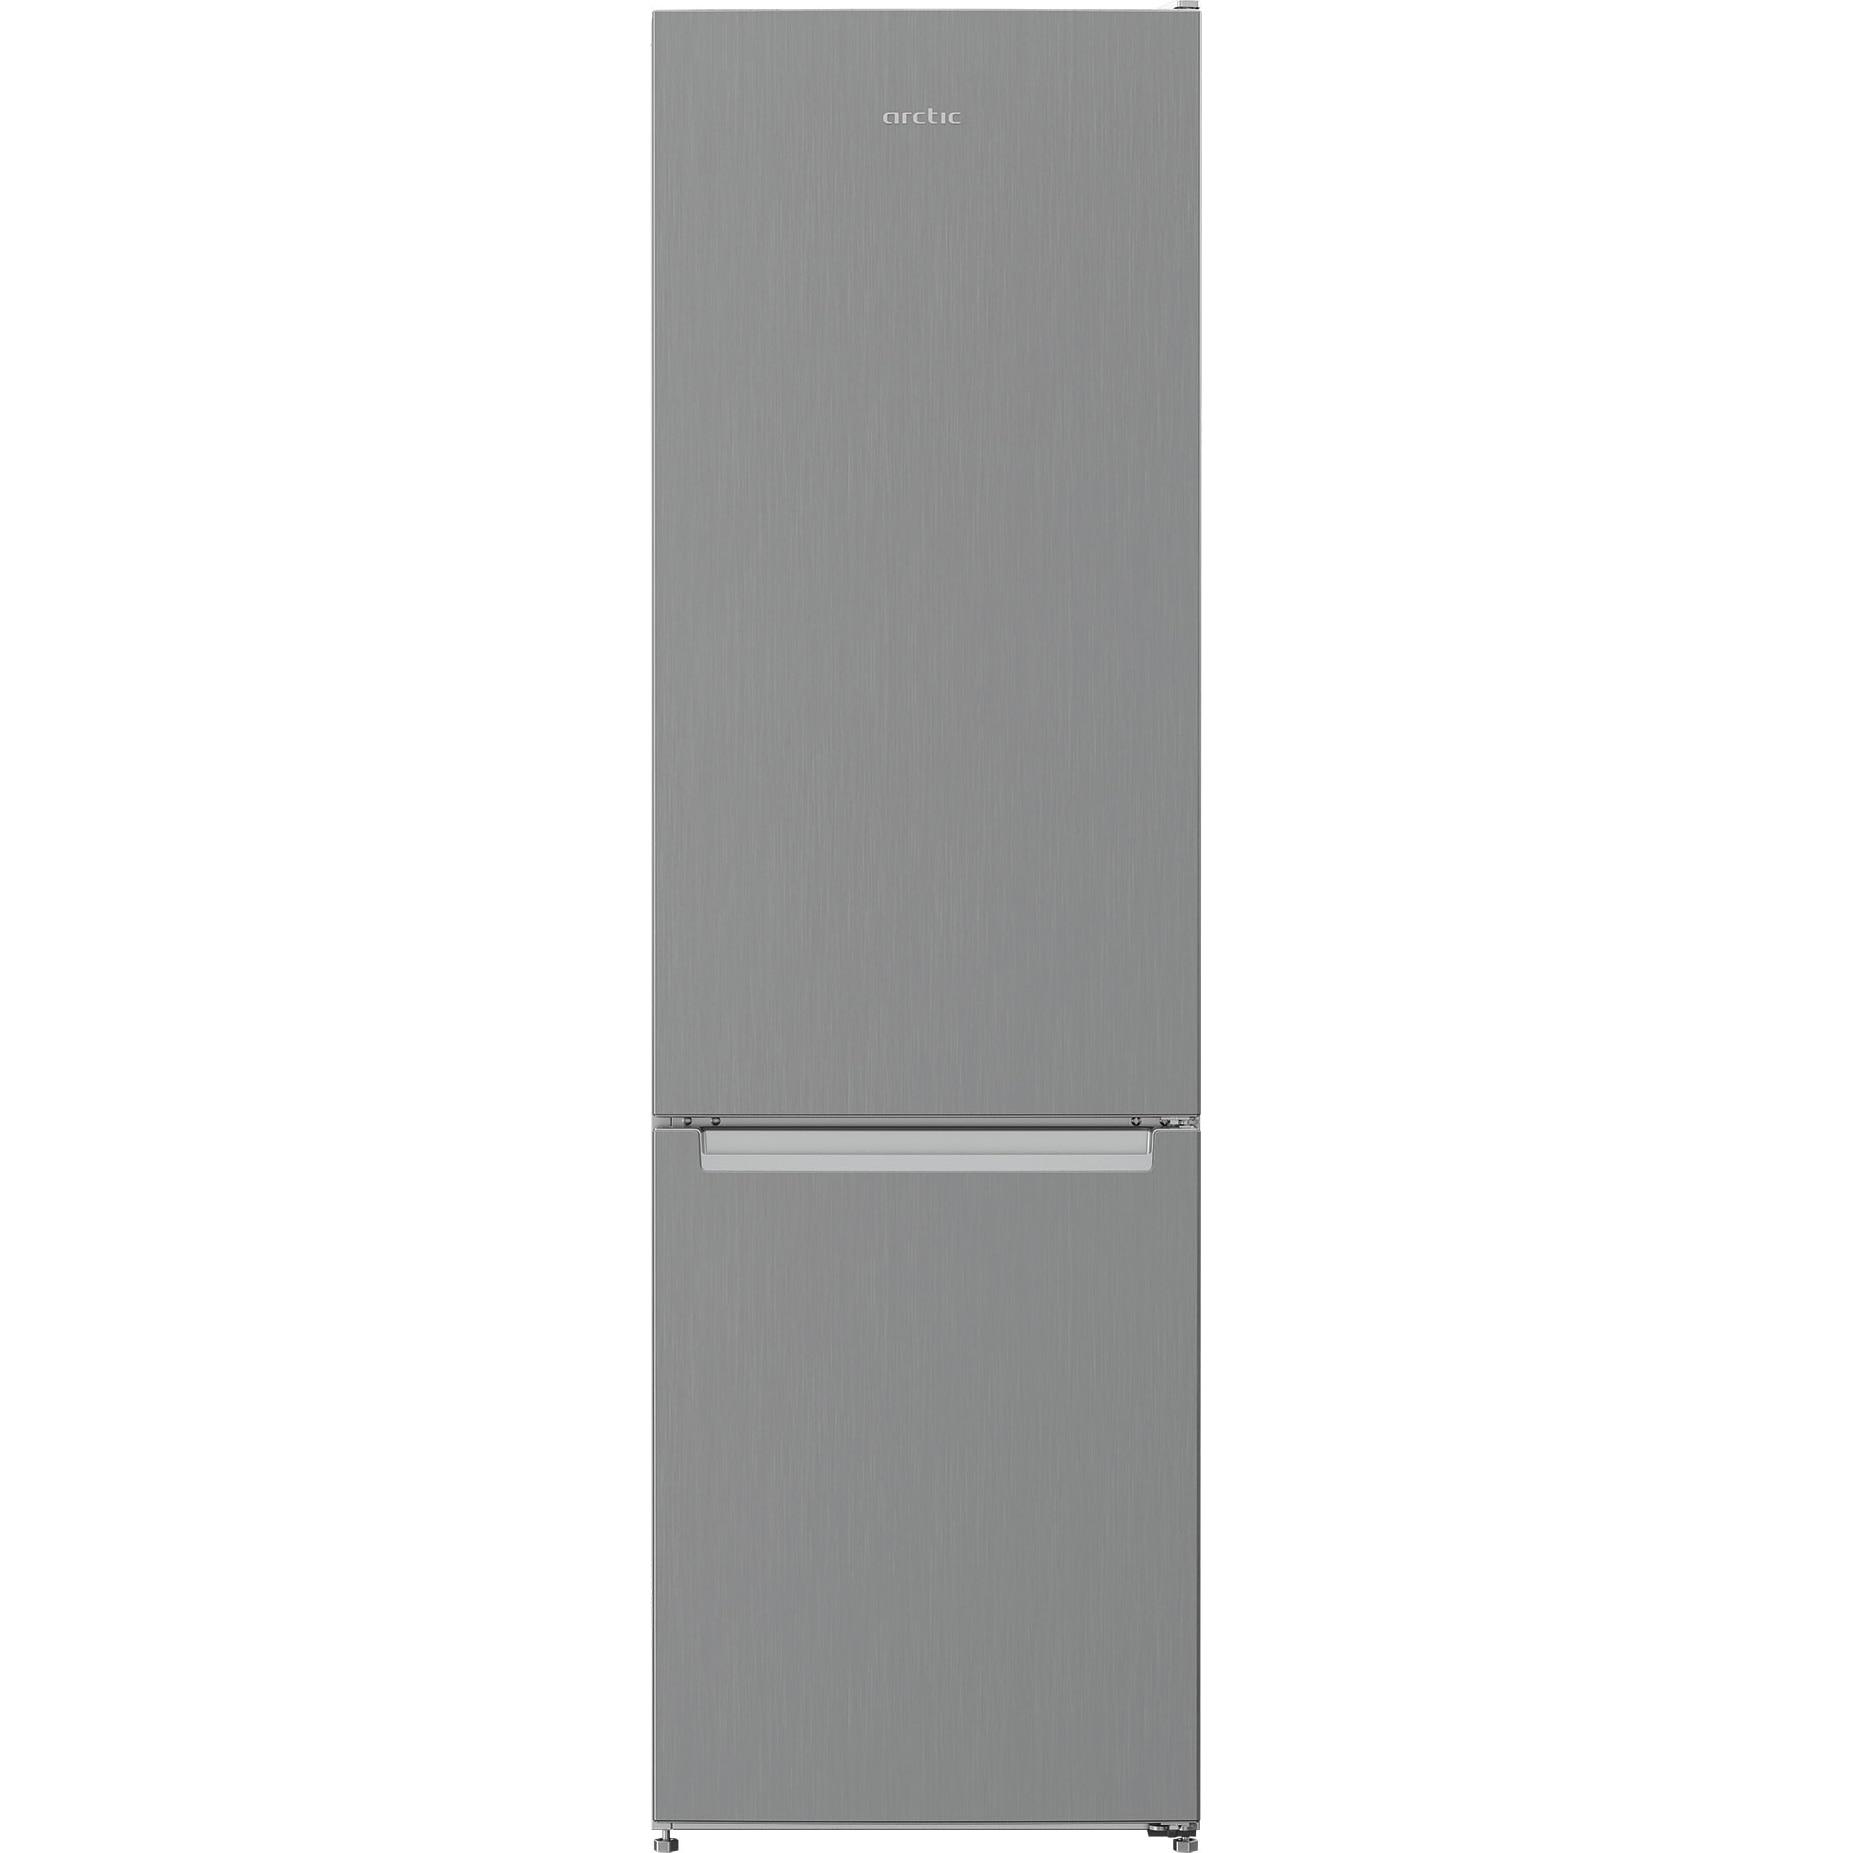 Fotografie Combina frigorifica Arctic AK54305M30MT, 291 l, Clasa F, Garden Fresh, H 181.3 cm, Argintiu